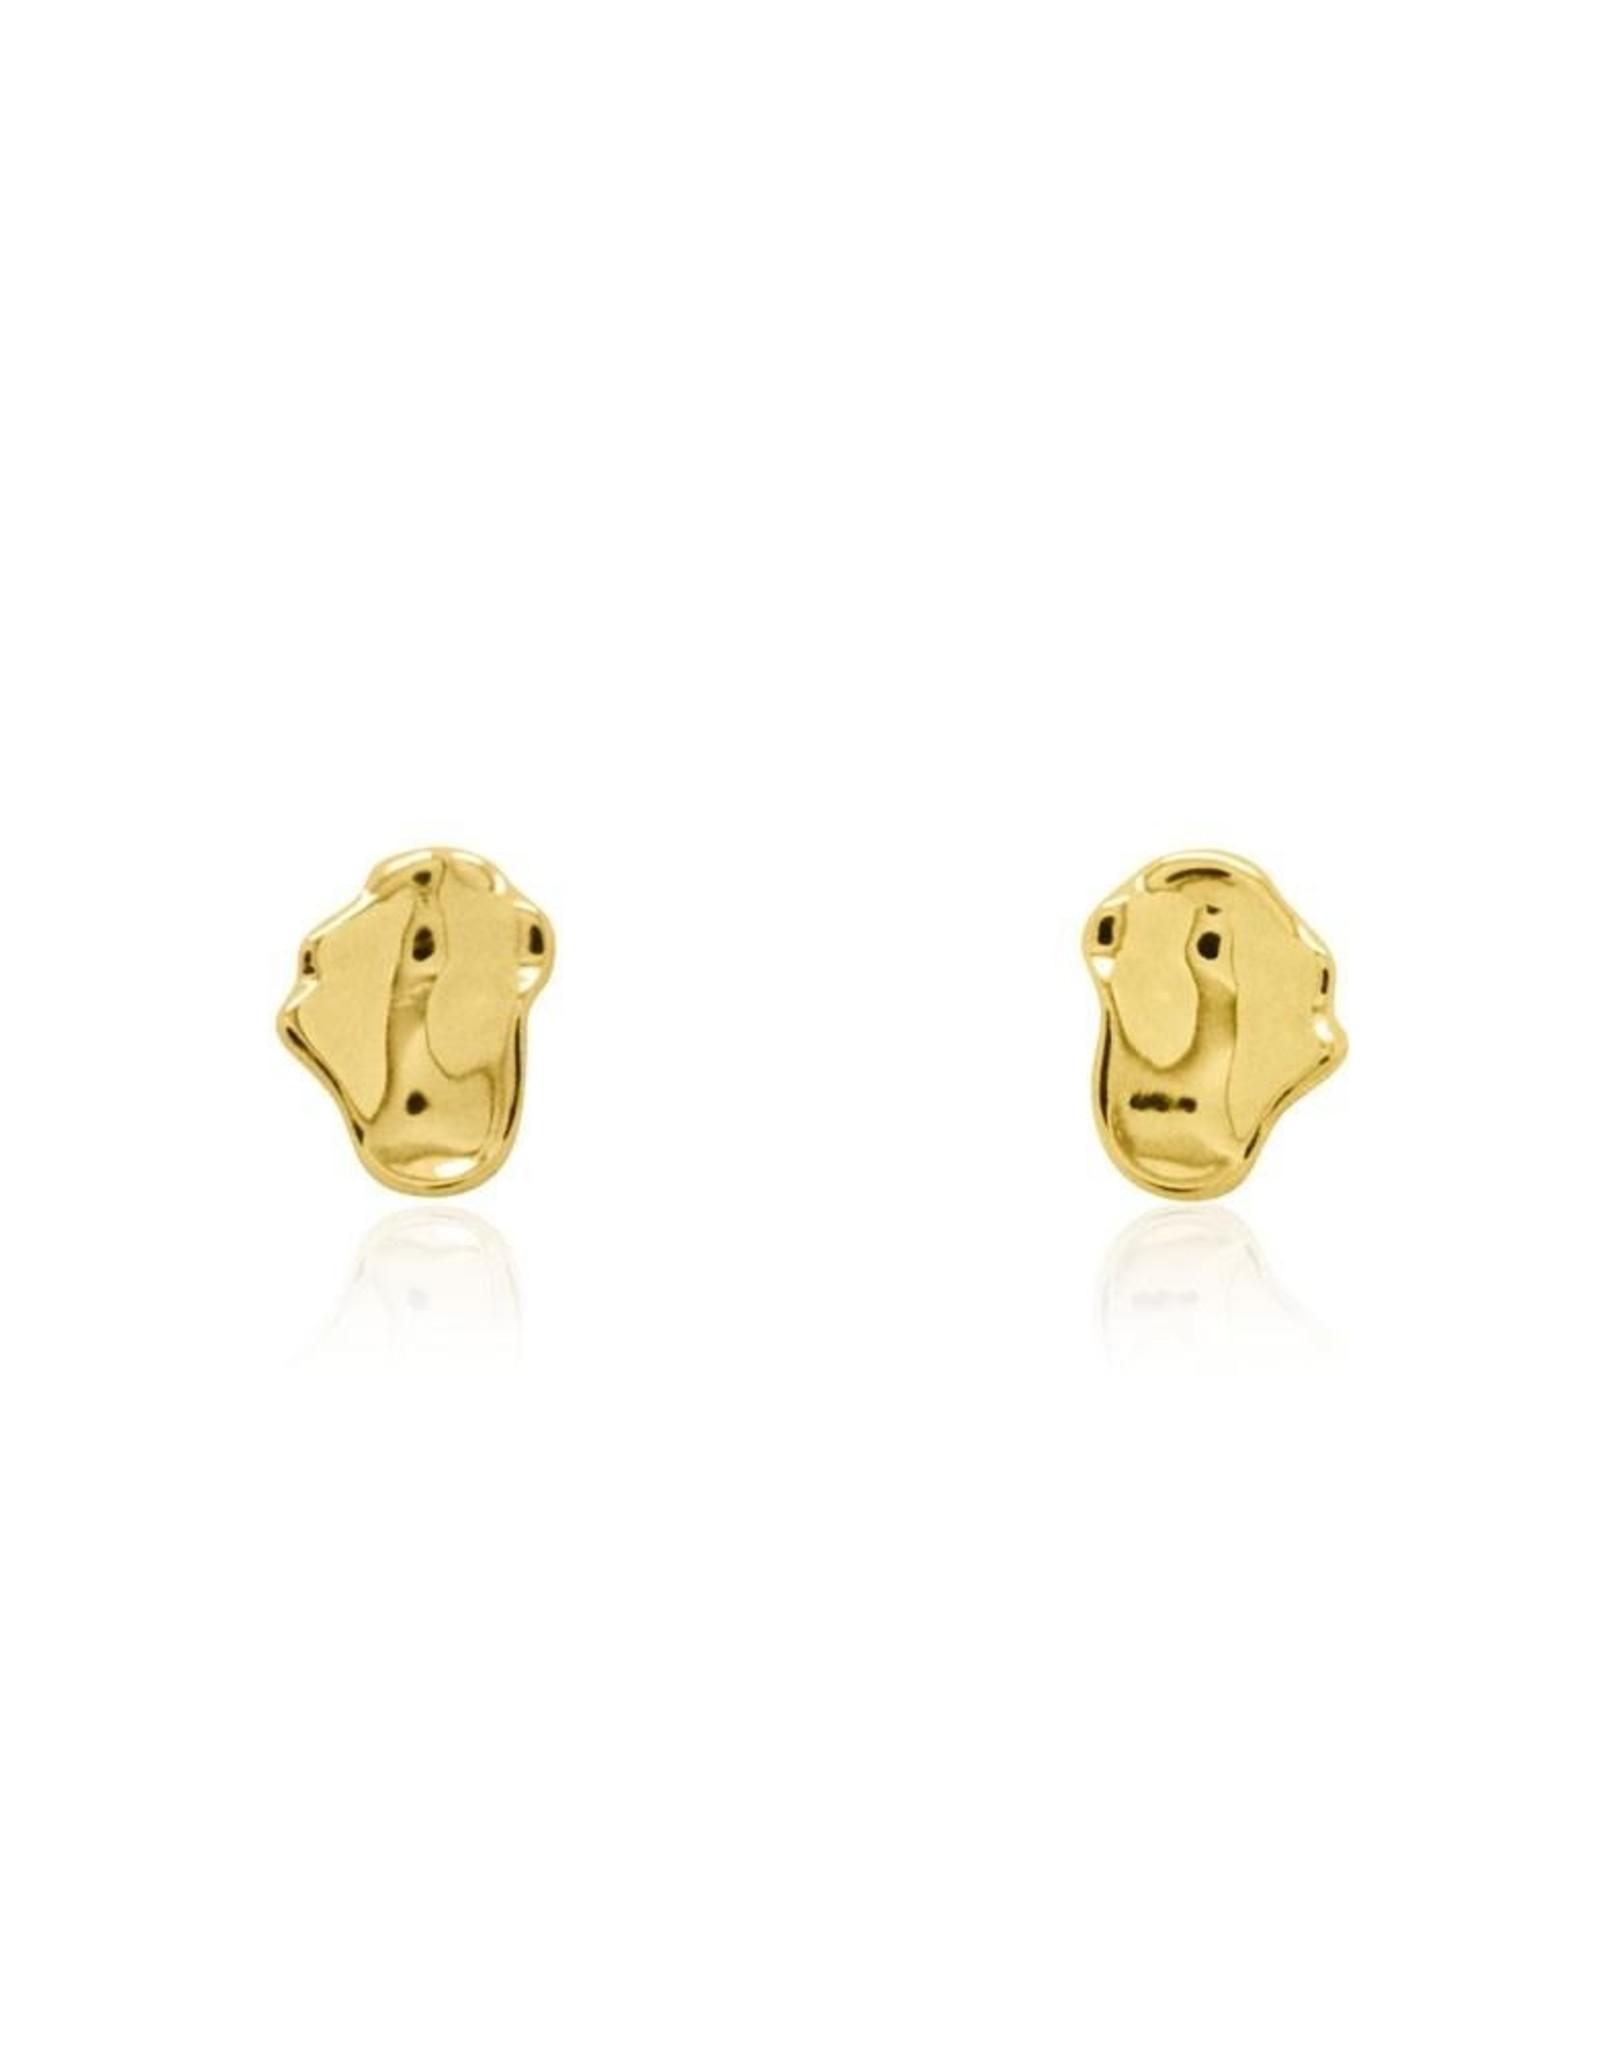 Morph Stud Earrings - Gold Plated